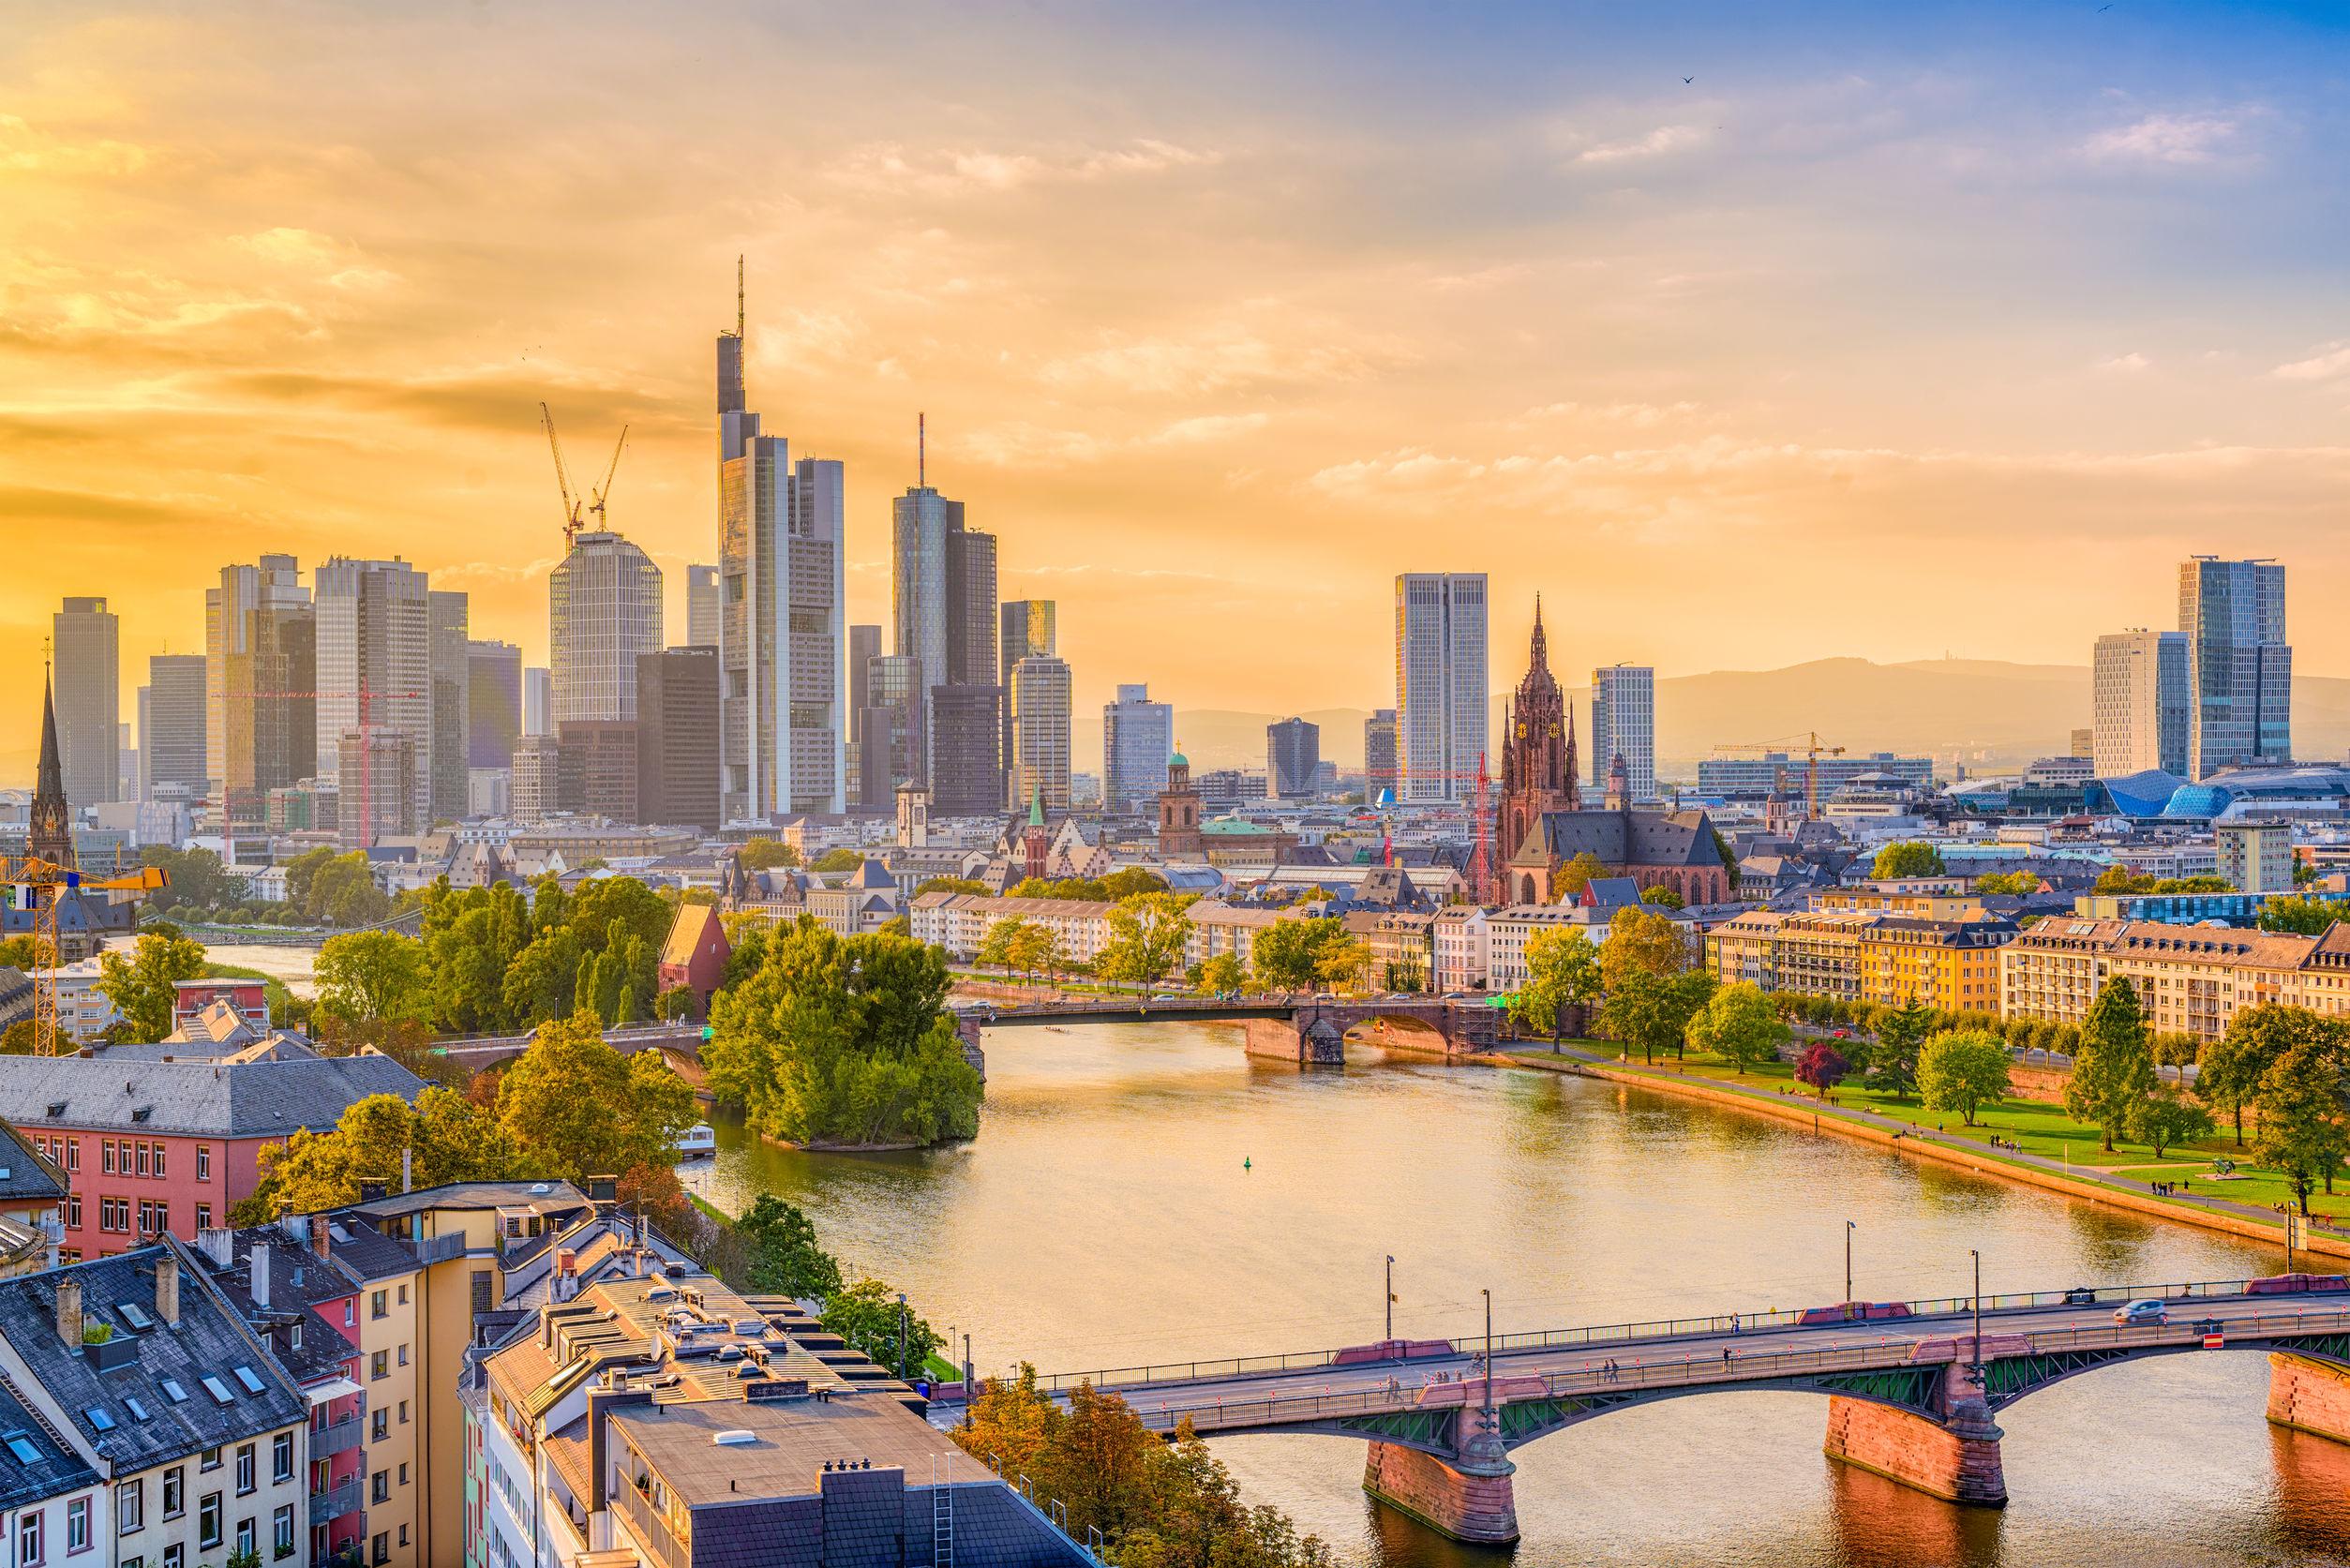 städtereise frankfurt